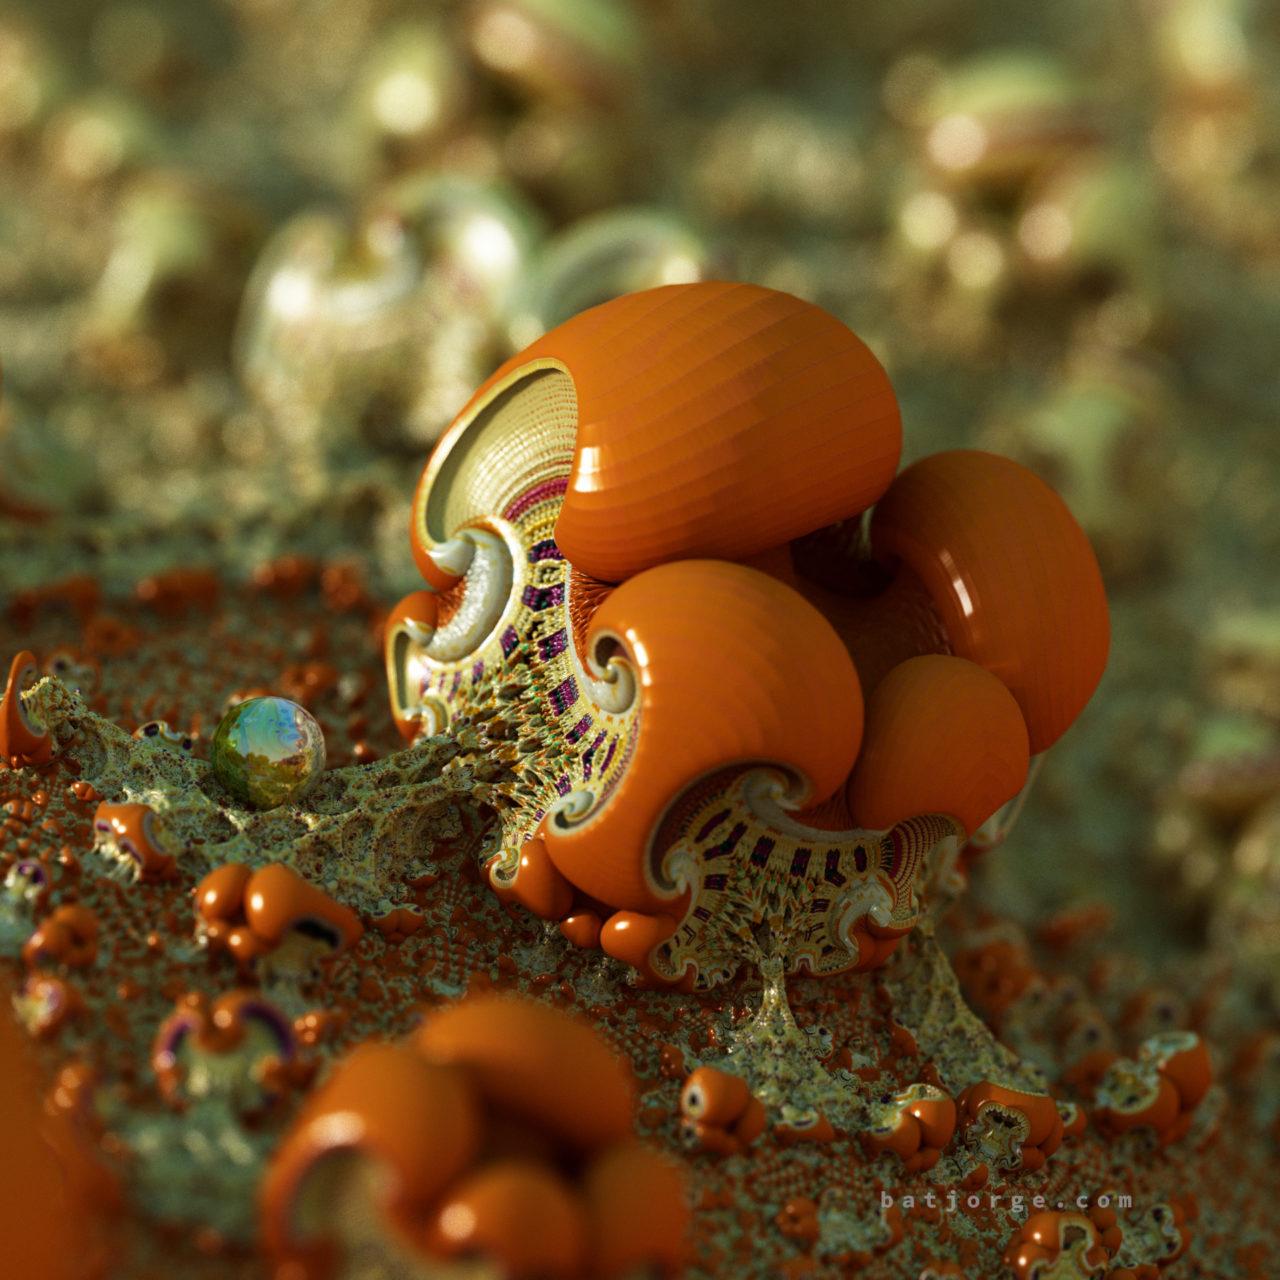 mandelbulber amazing surf.mushroom and sphere